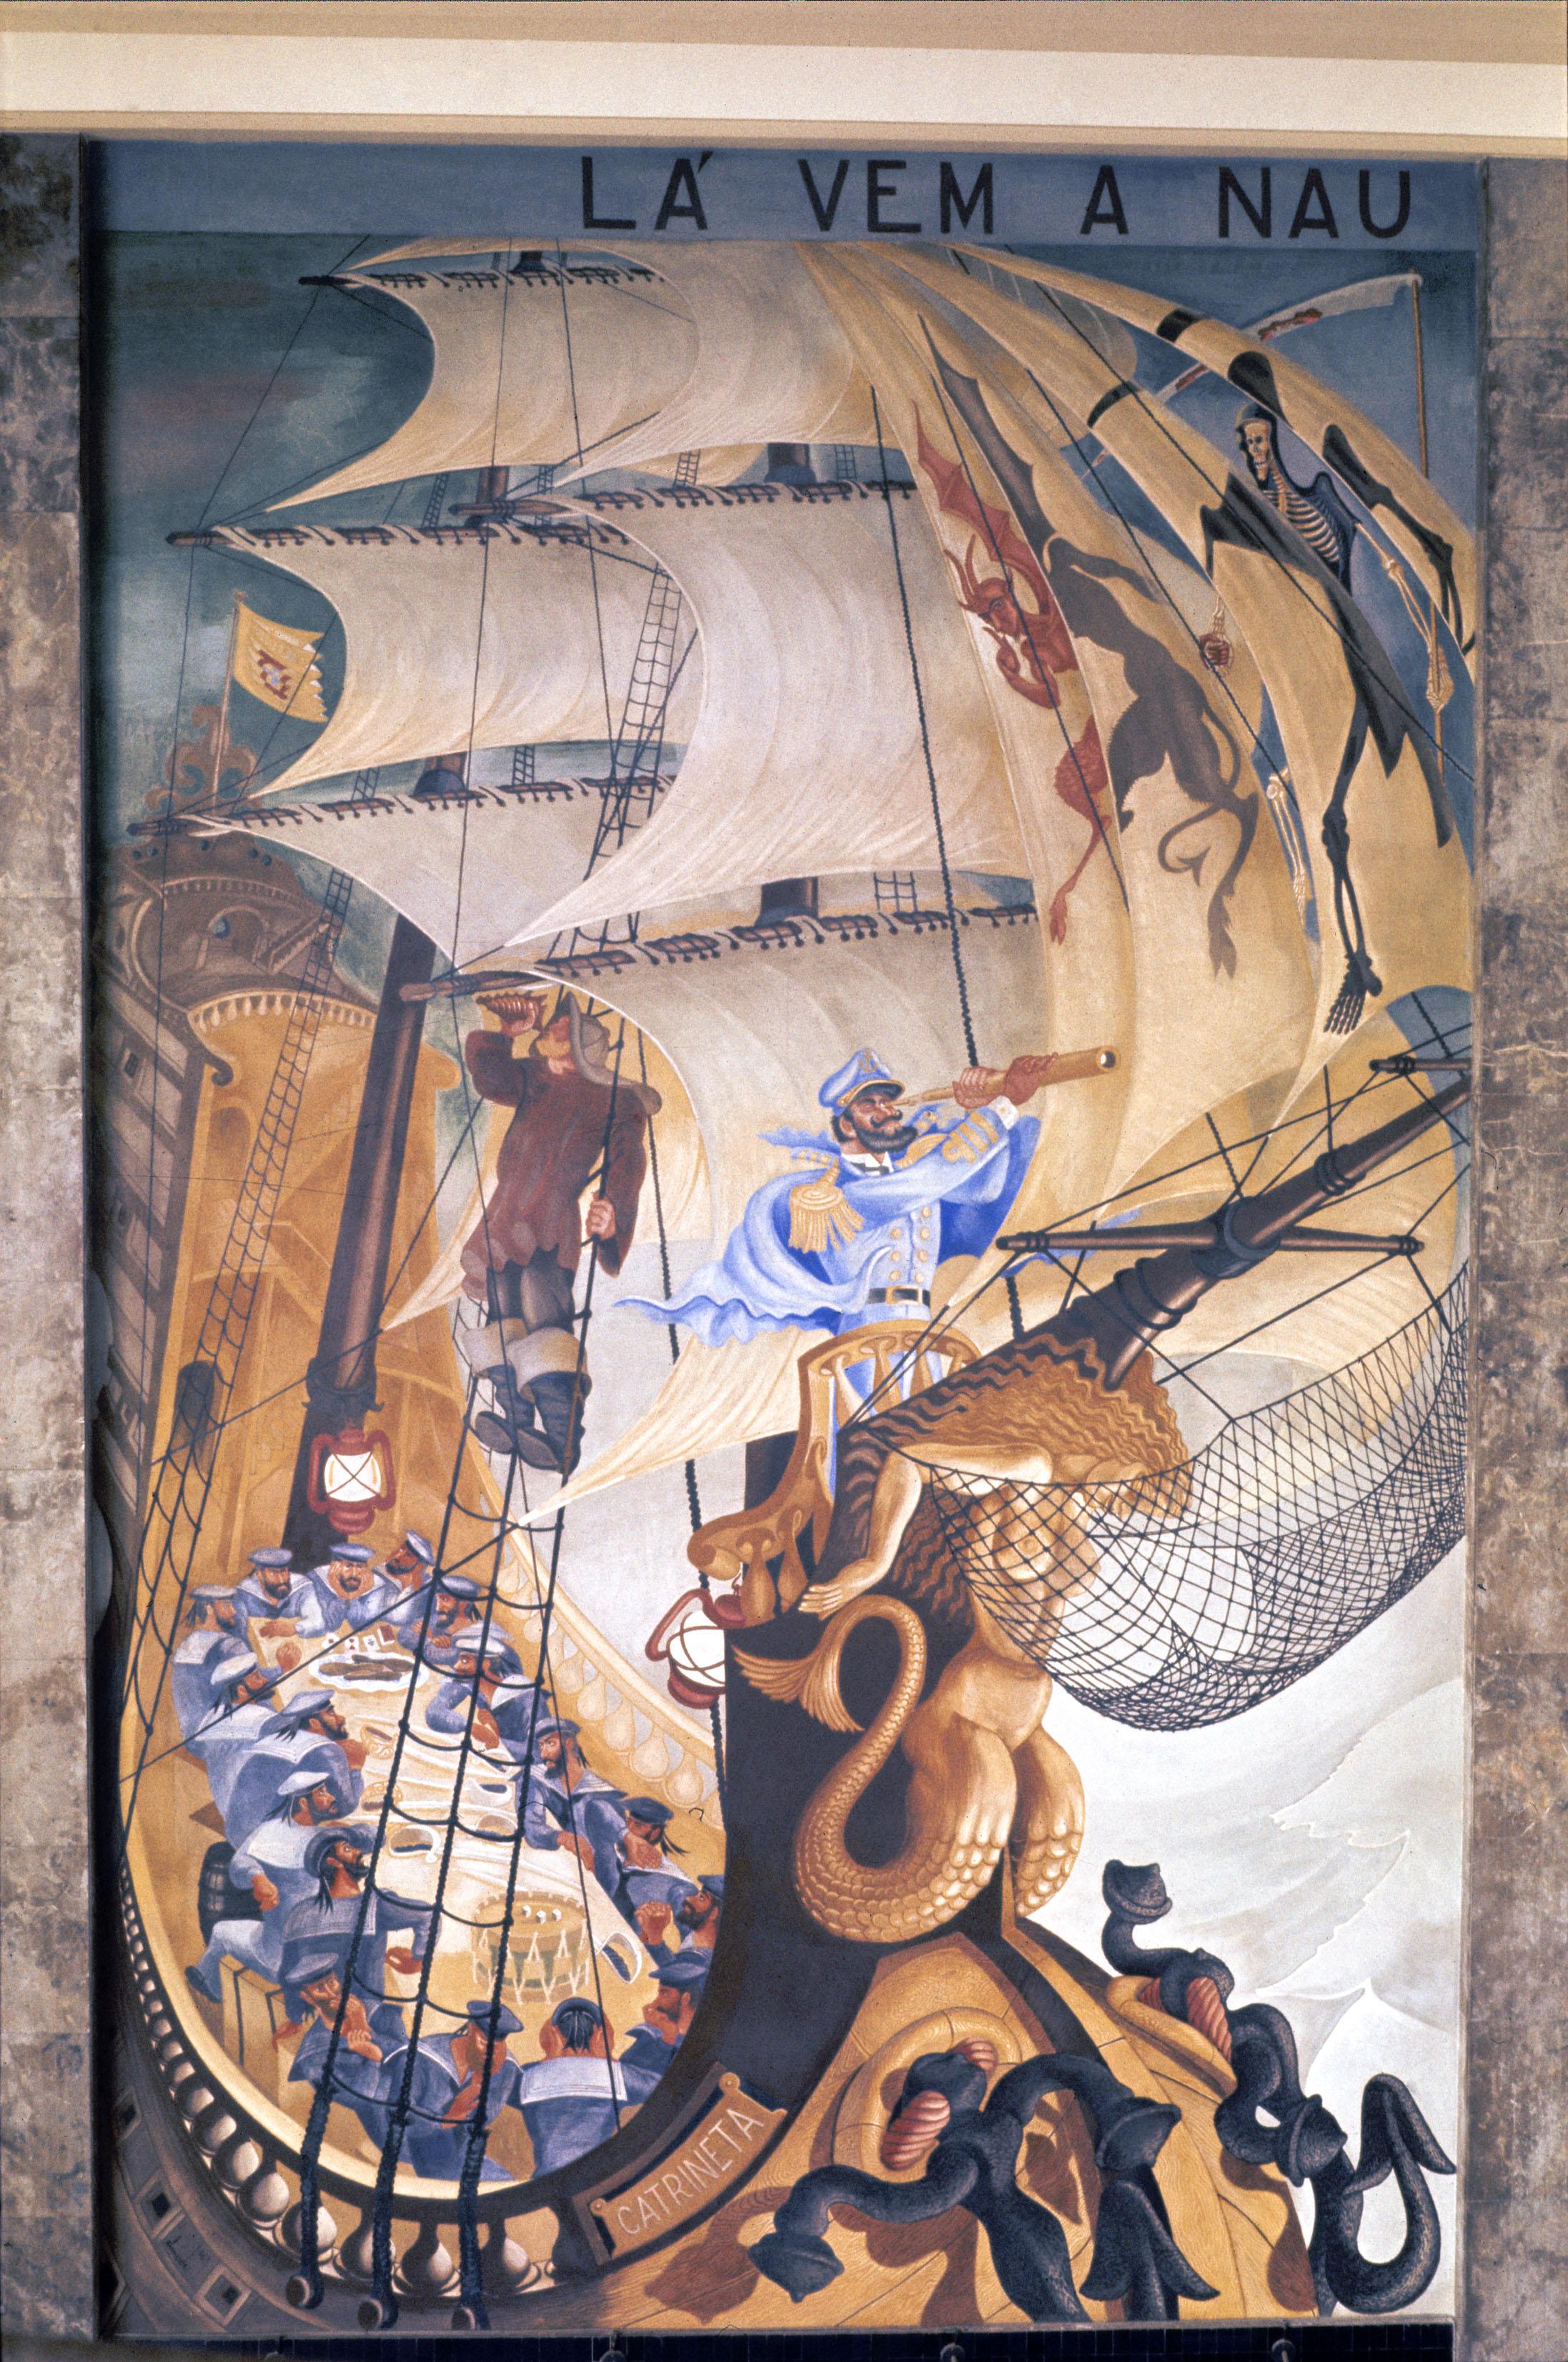 """""""Lá vem a nau  Catrineta  que traz muito que contar"""" (""""Here comes the ship  Catrineta  that brings much to tell"""") Artist: José de Almada Negreiros   Photo: Mário Novais, ca. 1943-1945, Lisbon  [CFT003_098010]"""